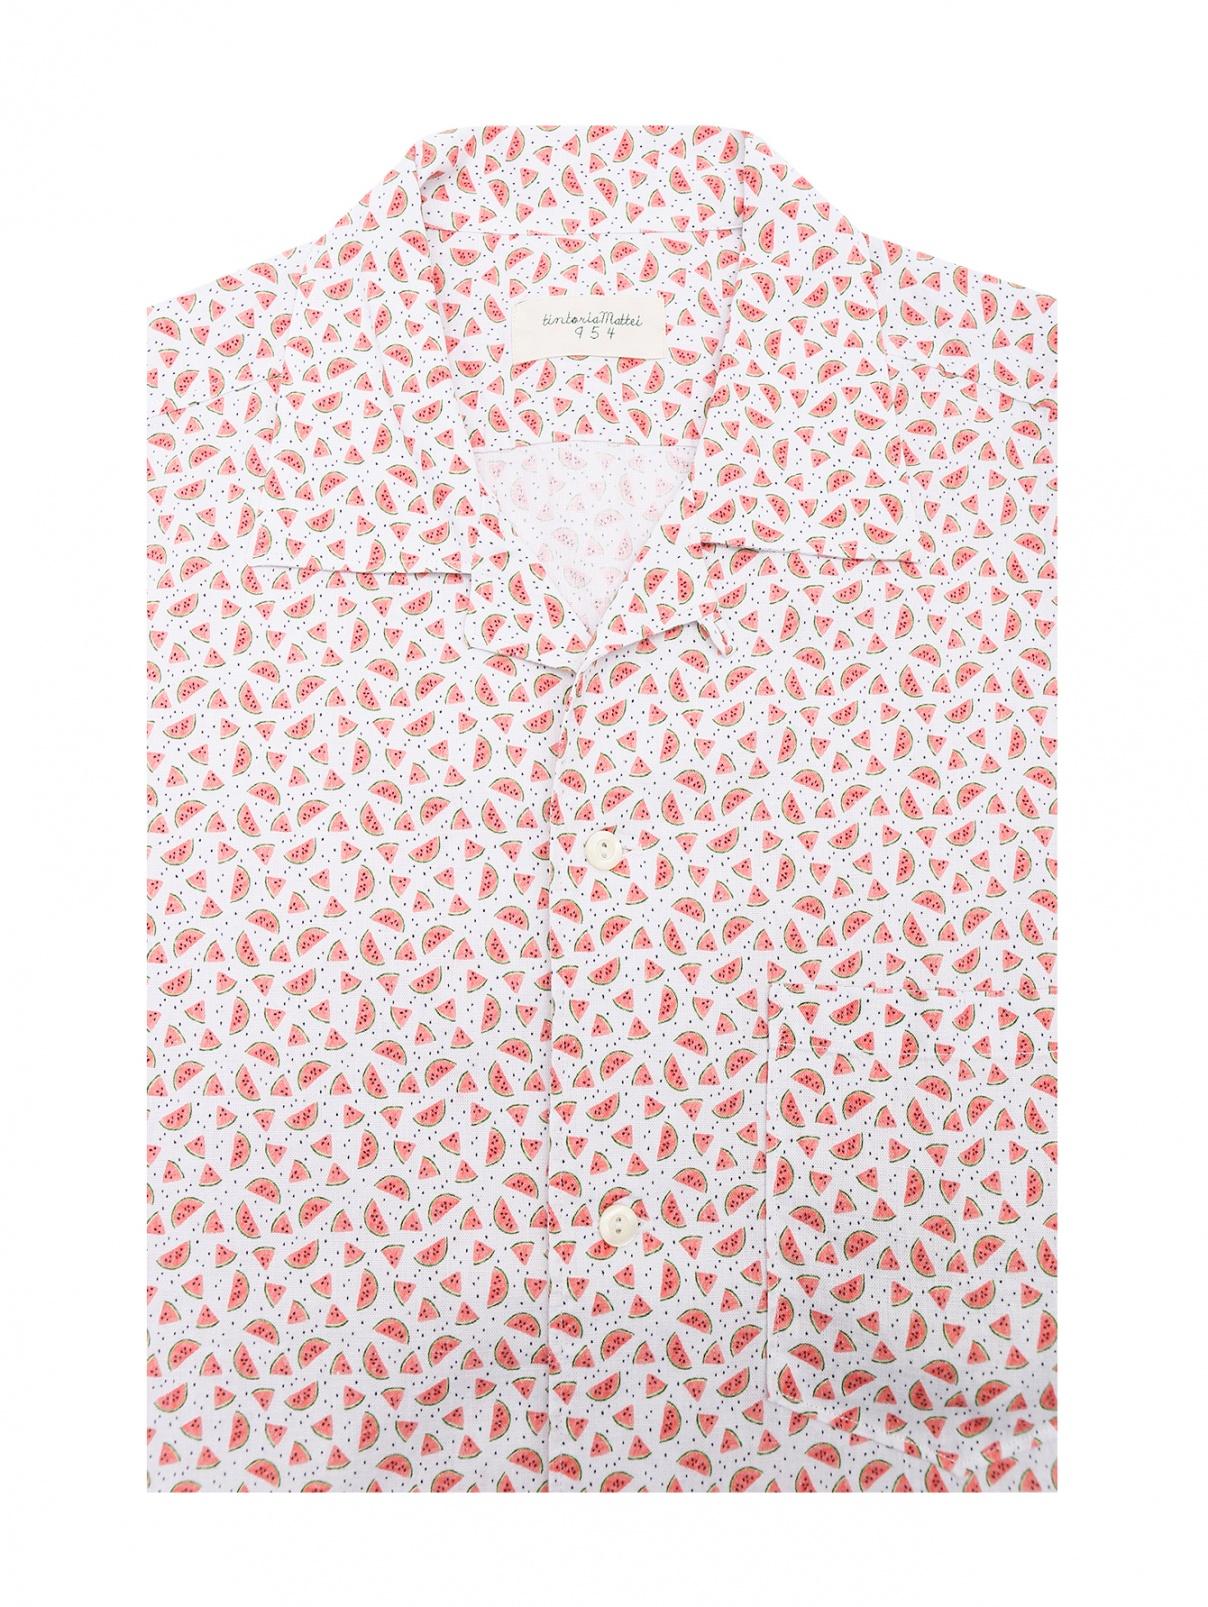 Рубашка из хлопка и льна с короткими рукавами Tintoria Mattei  –  Общий вид  – Цвет:  Узор